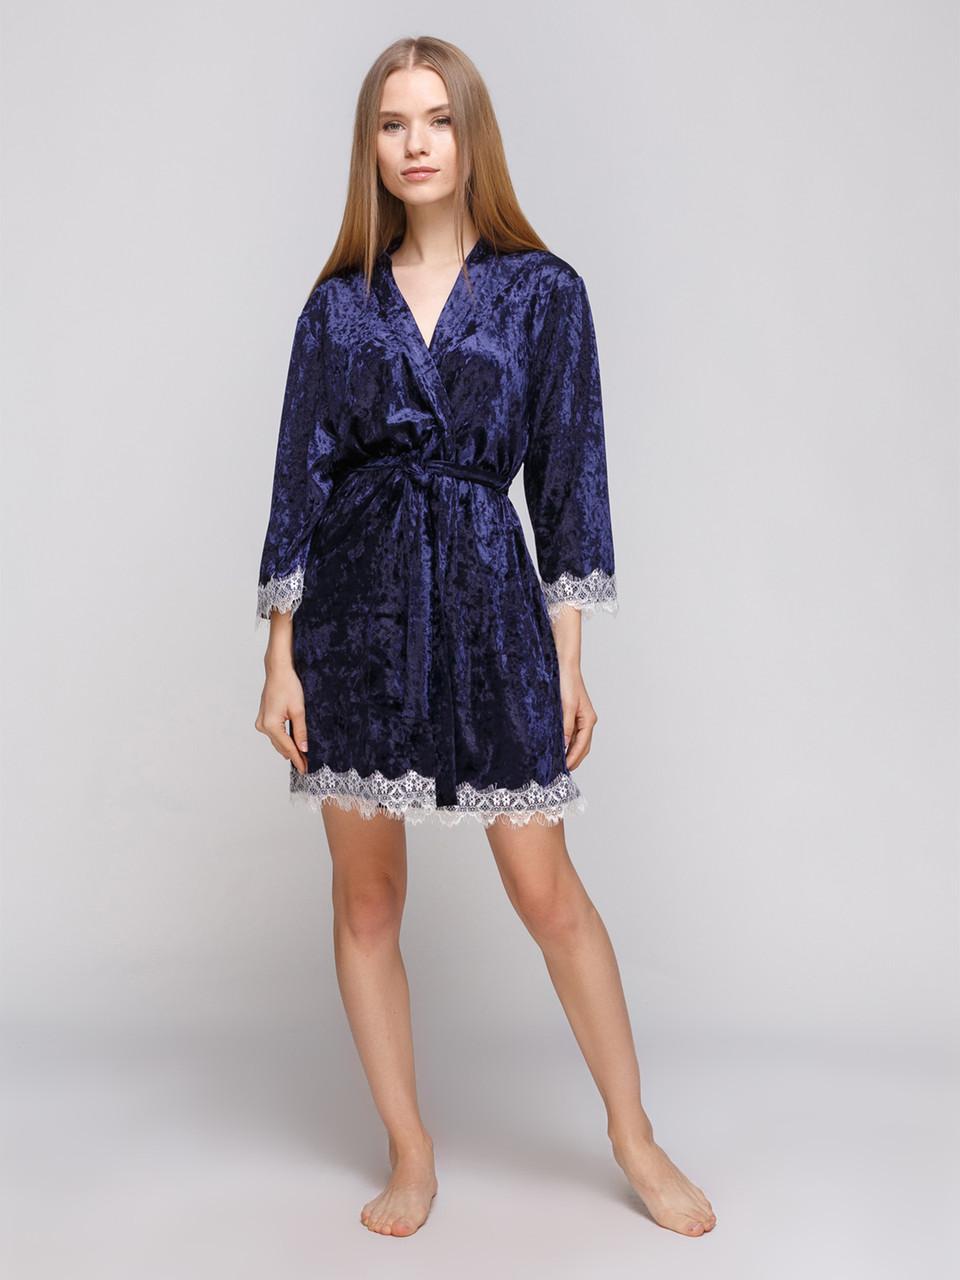 Халат из мраморного велюра Serenade синий с шампаневым кружевом